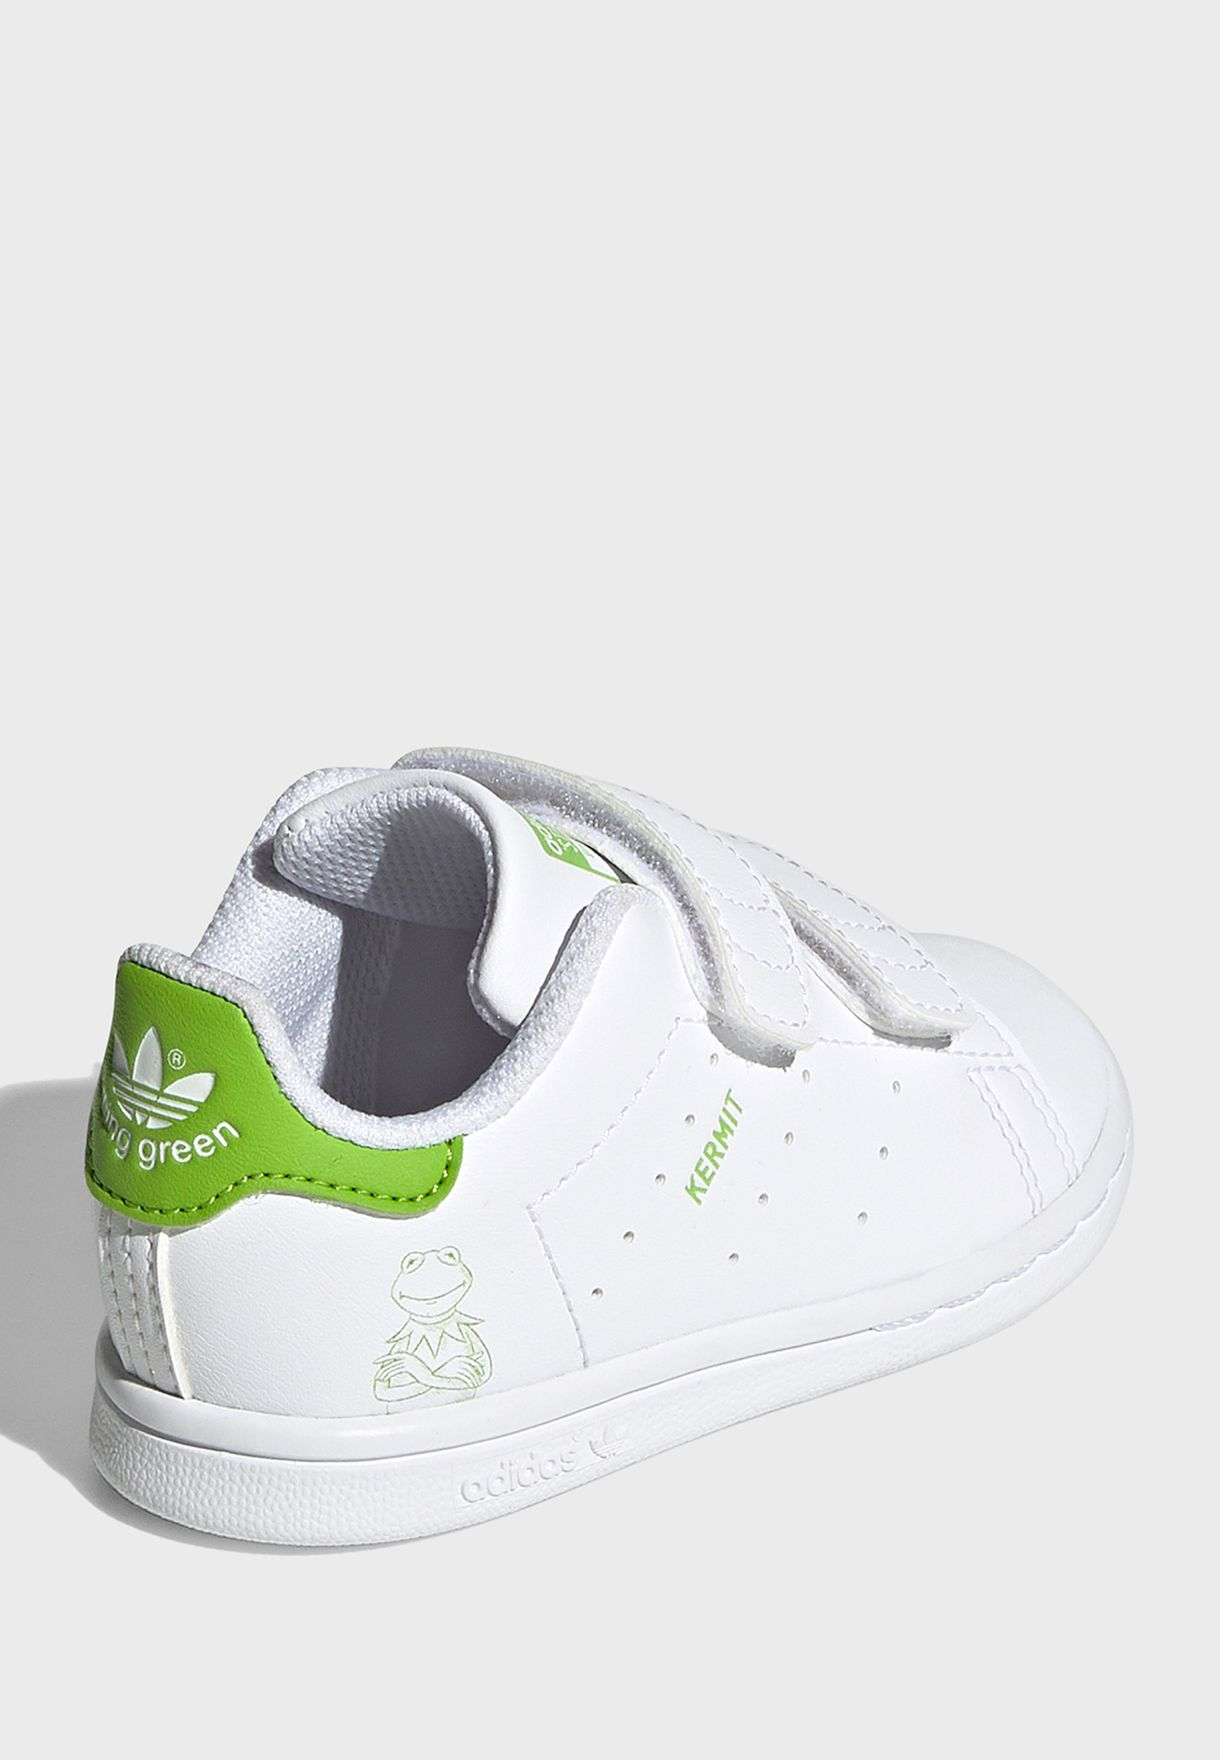 حذاء ستان سميث أوريجينالز للجنسين